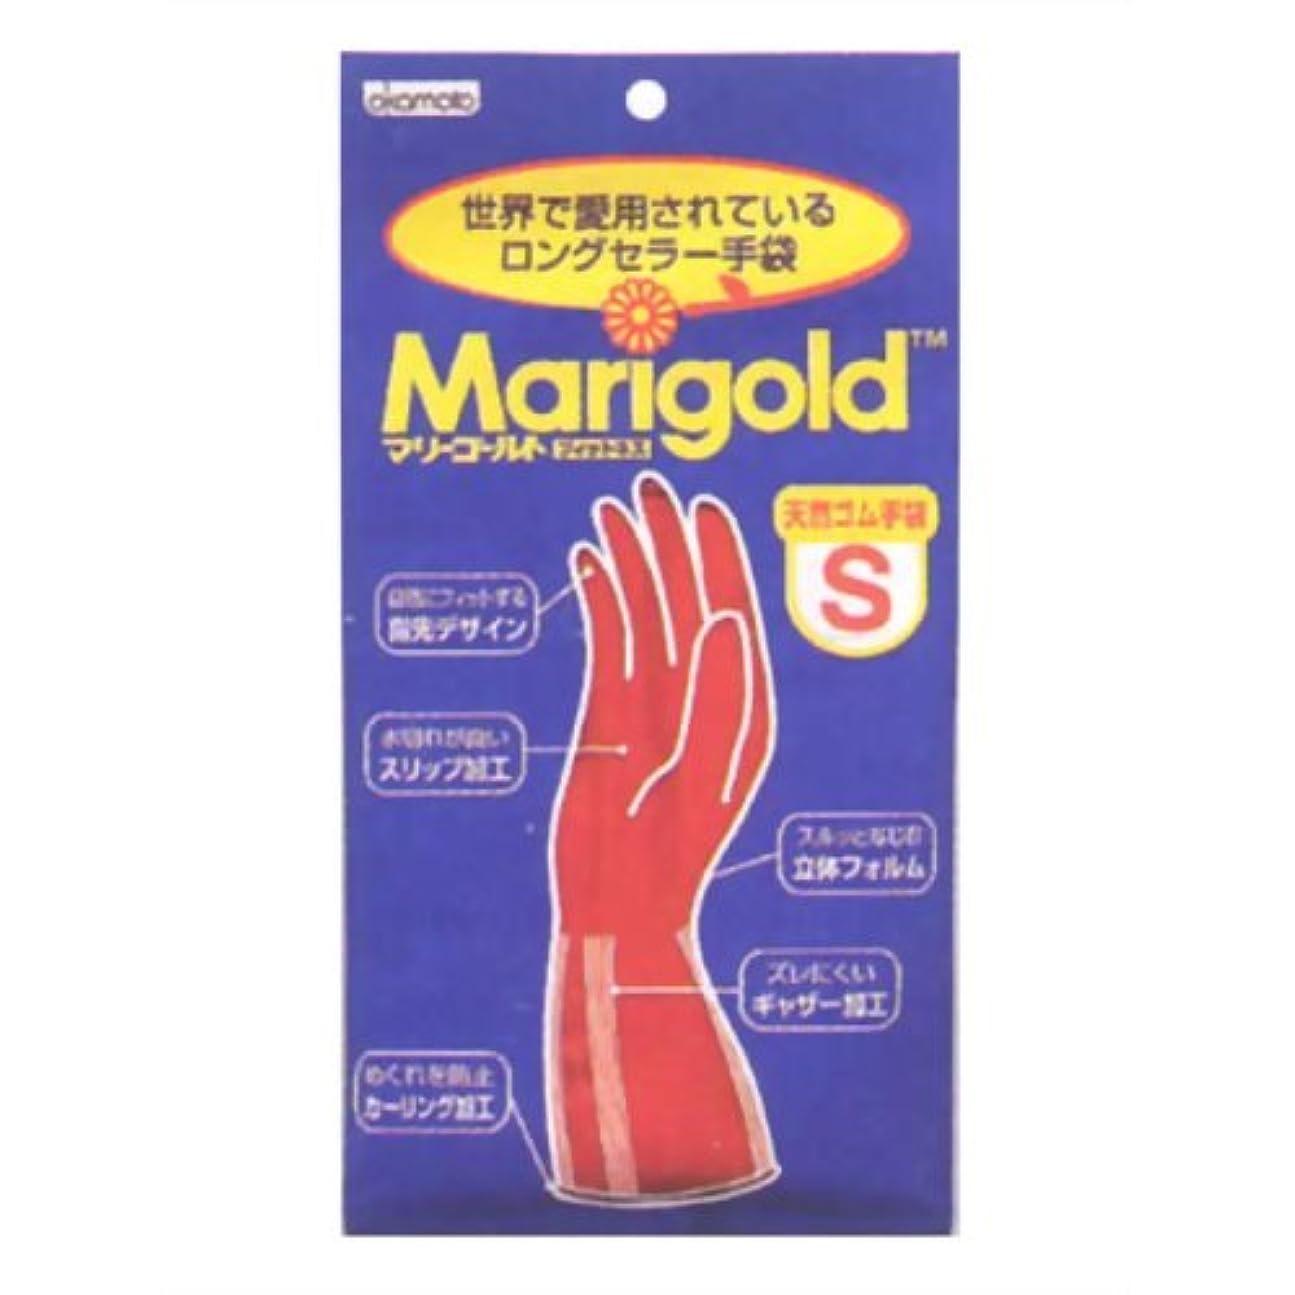 黒板通訳確認マリーゴールドSサイズ × 12個セット